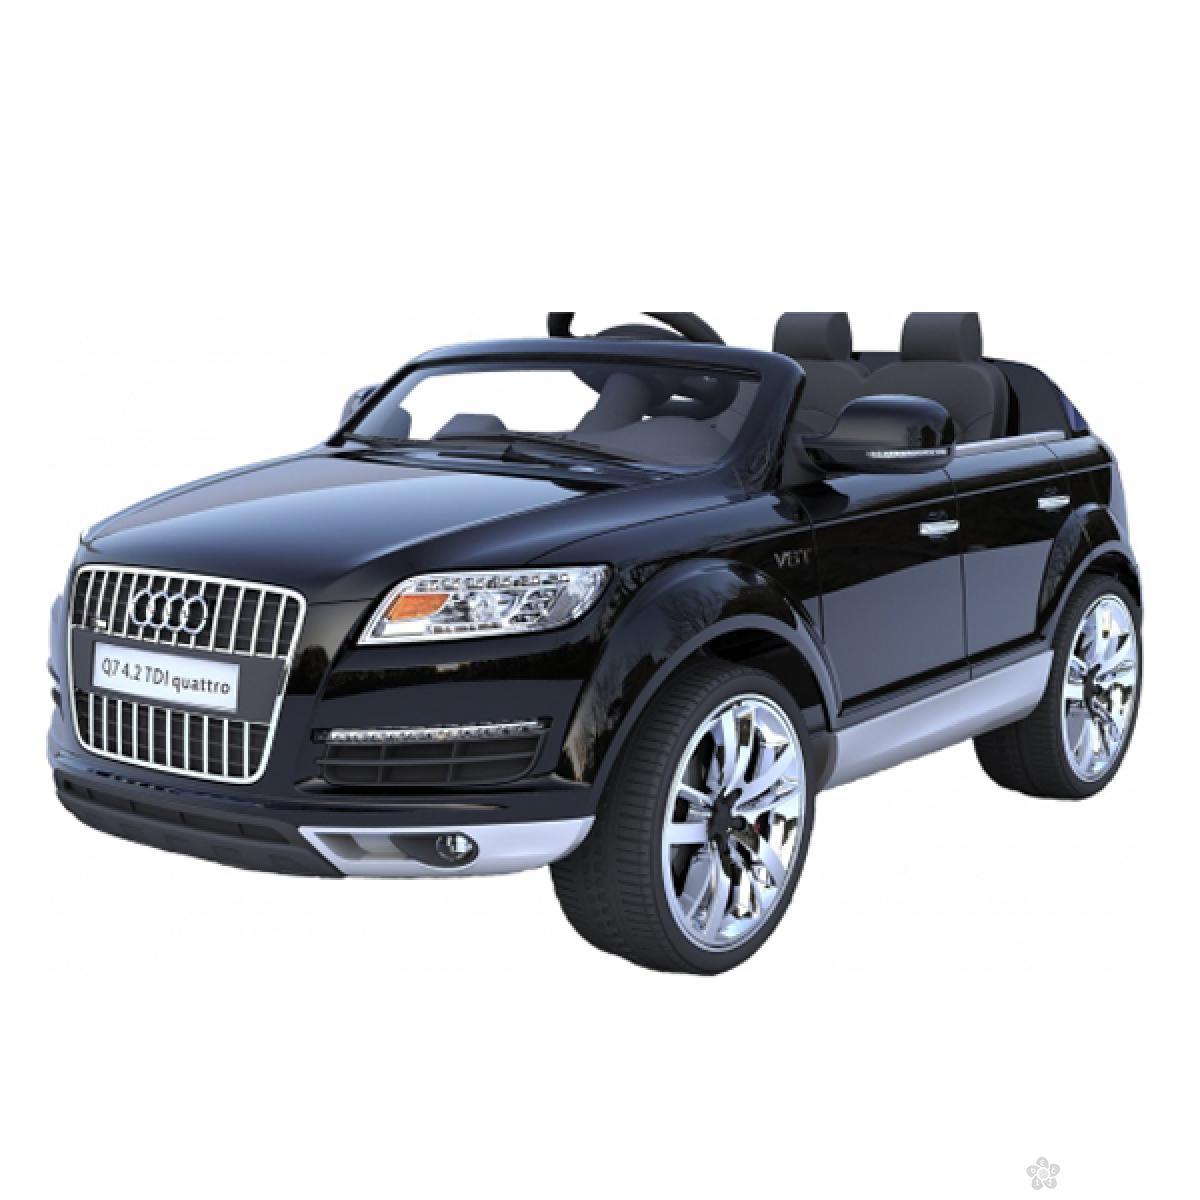 Audi Q7, model 213 ARIS